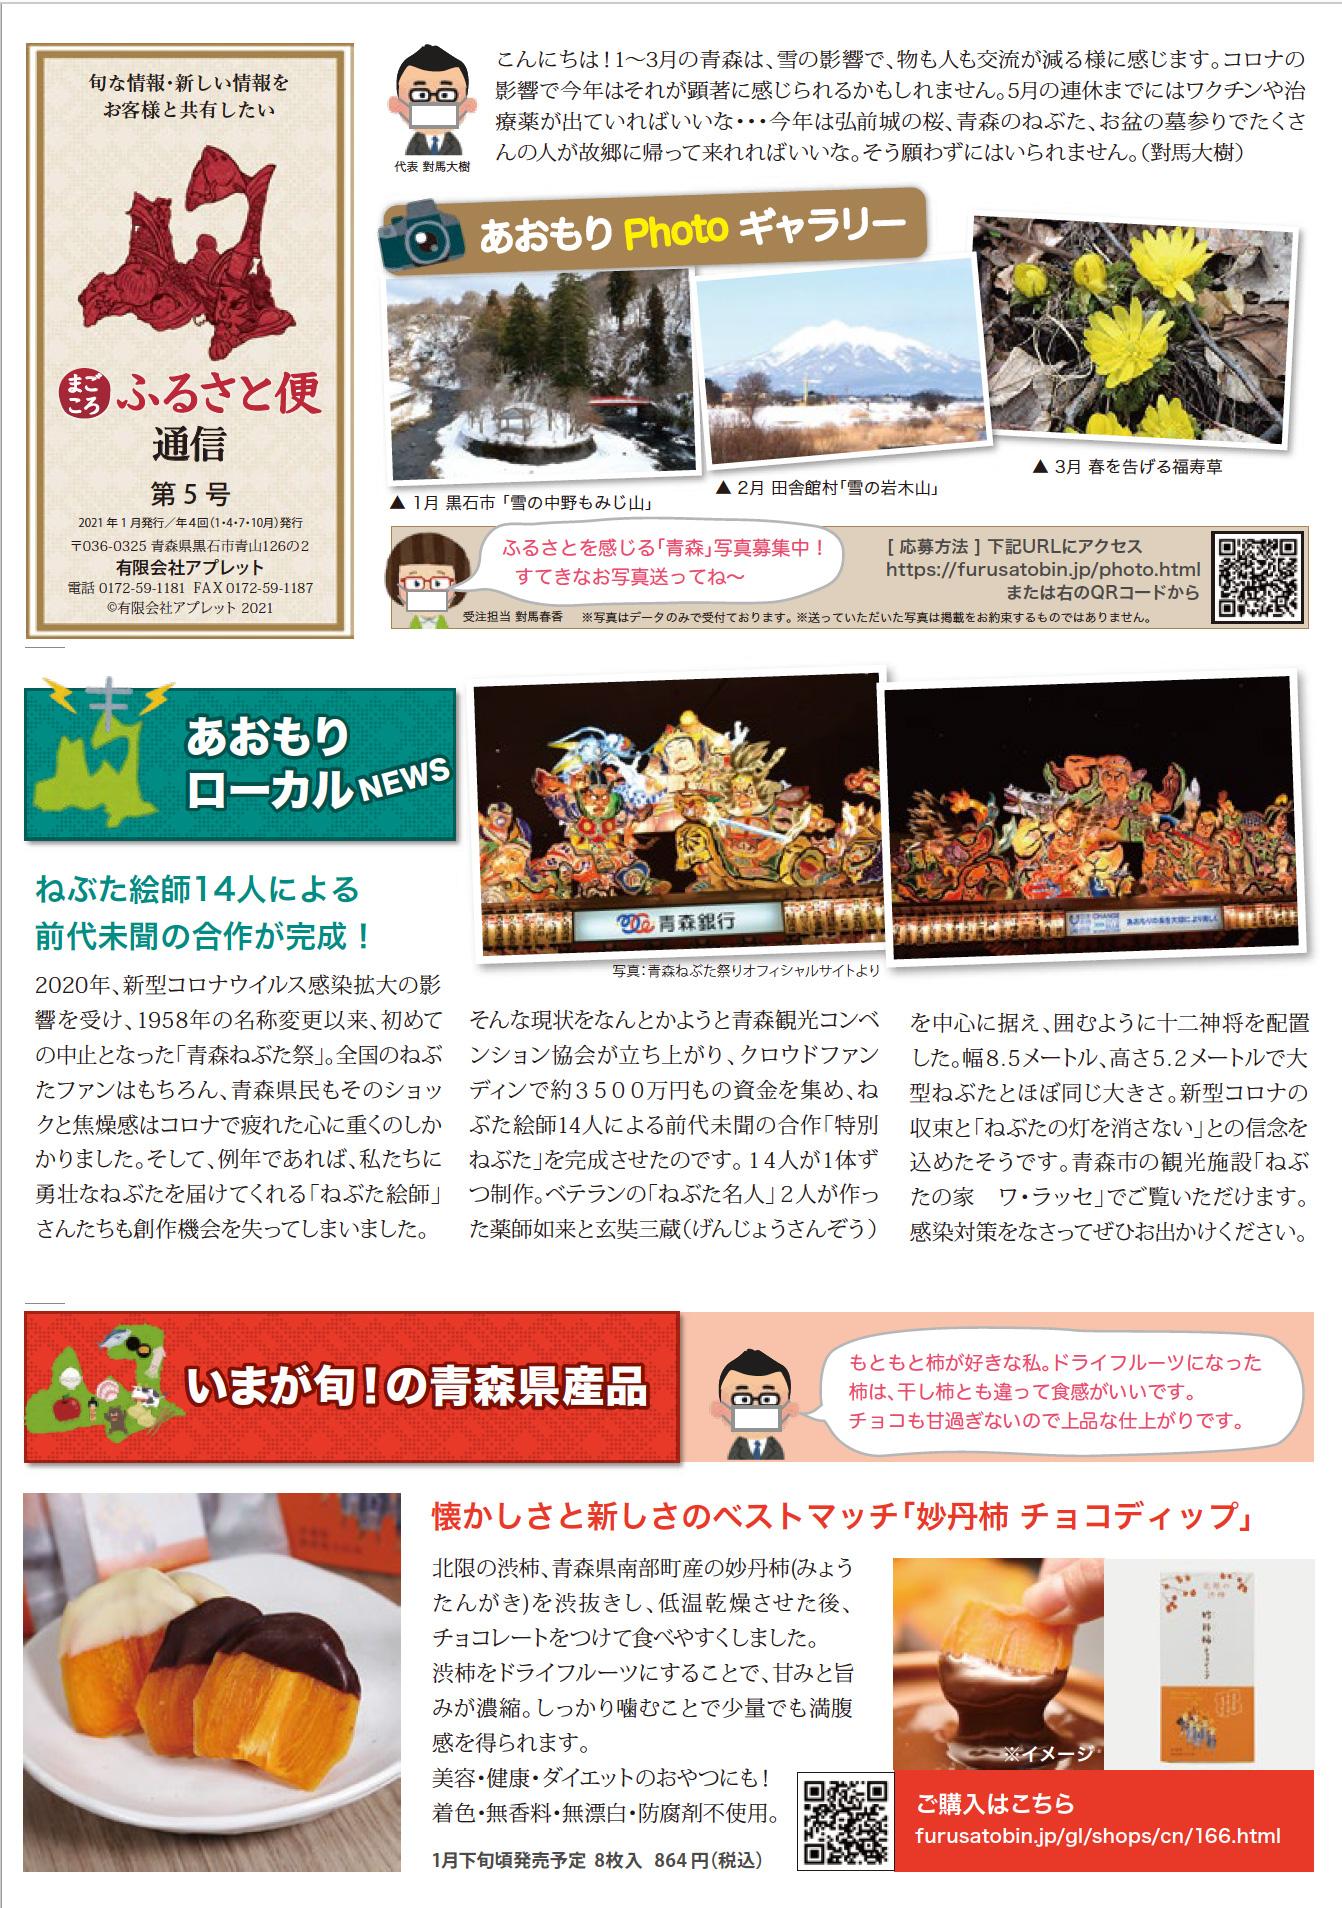 https://furusatobin.jp/images/companies/1/images/newspaper/202101.pdf